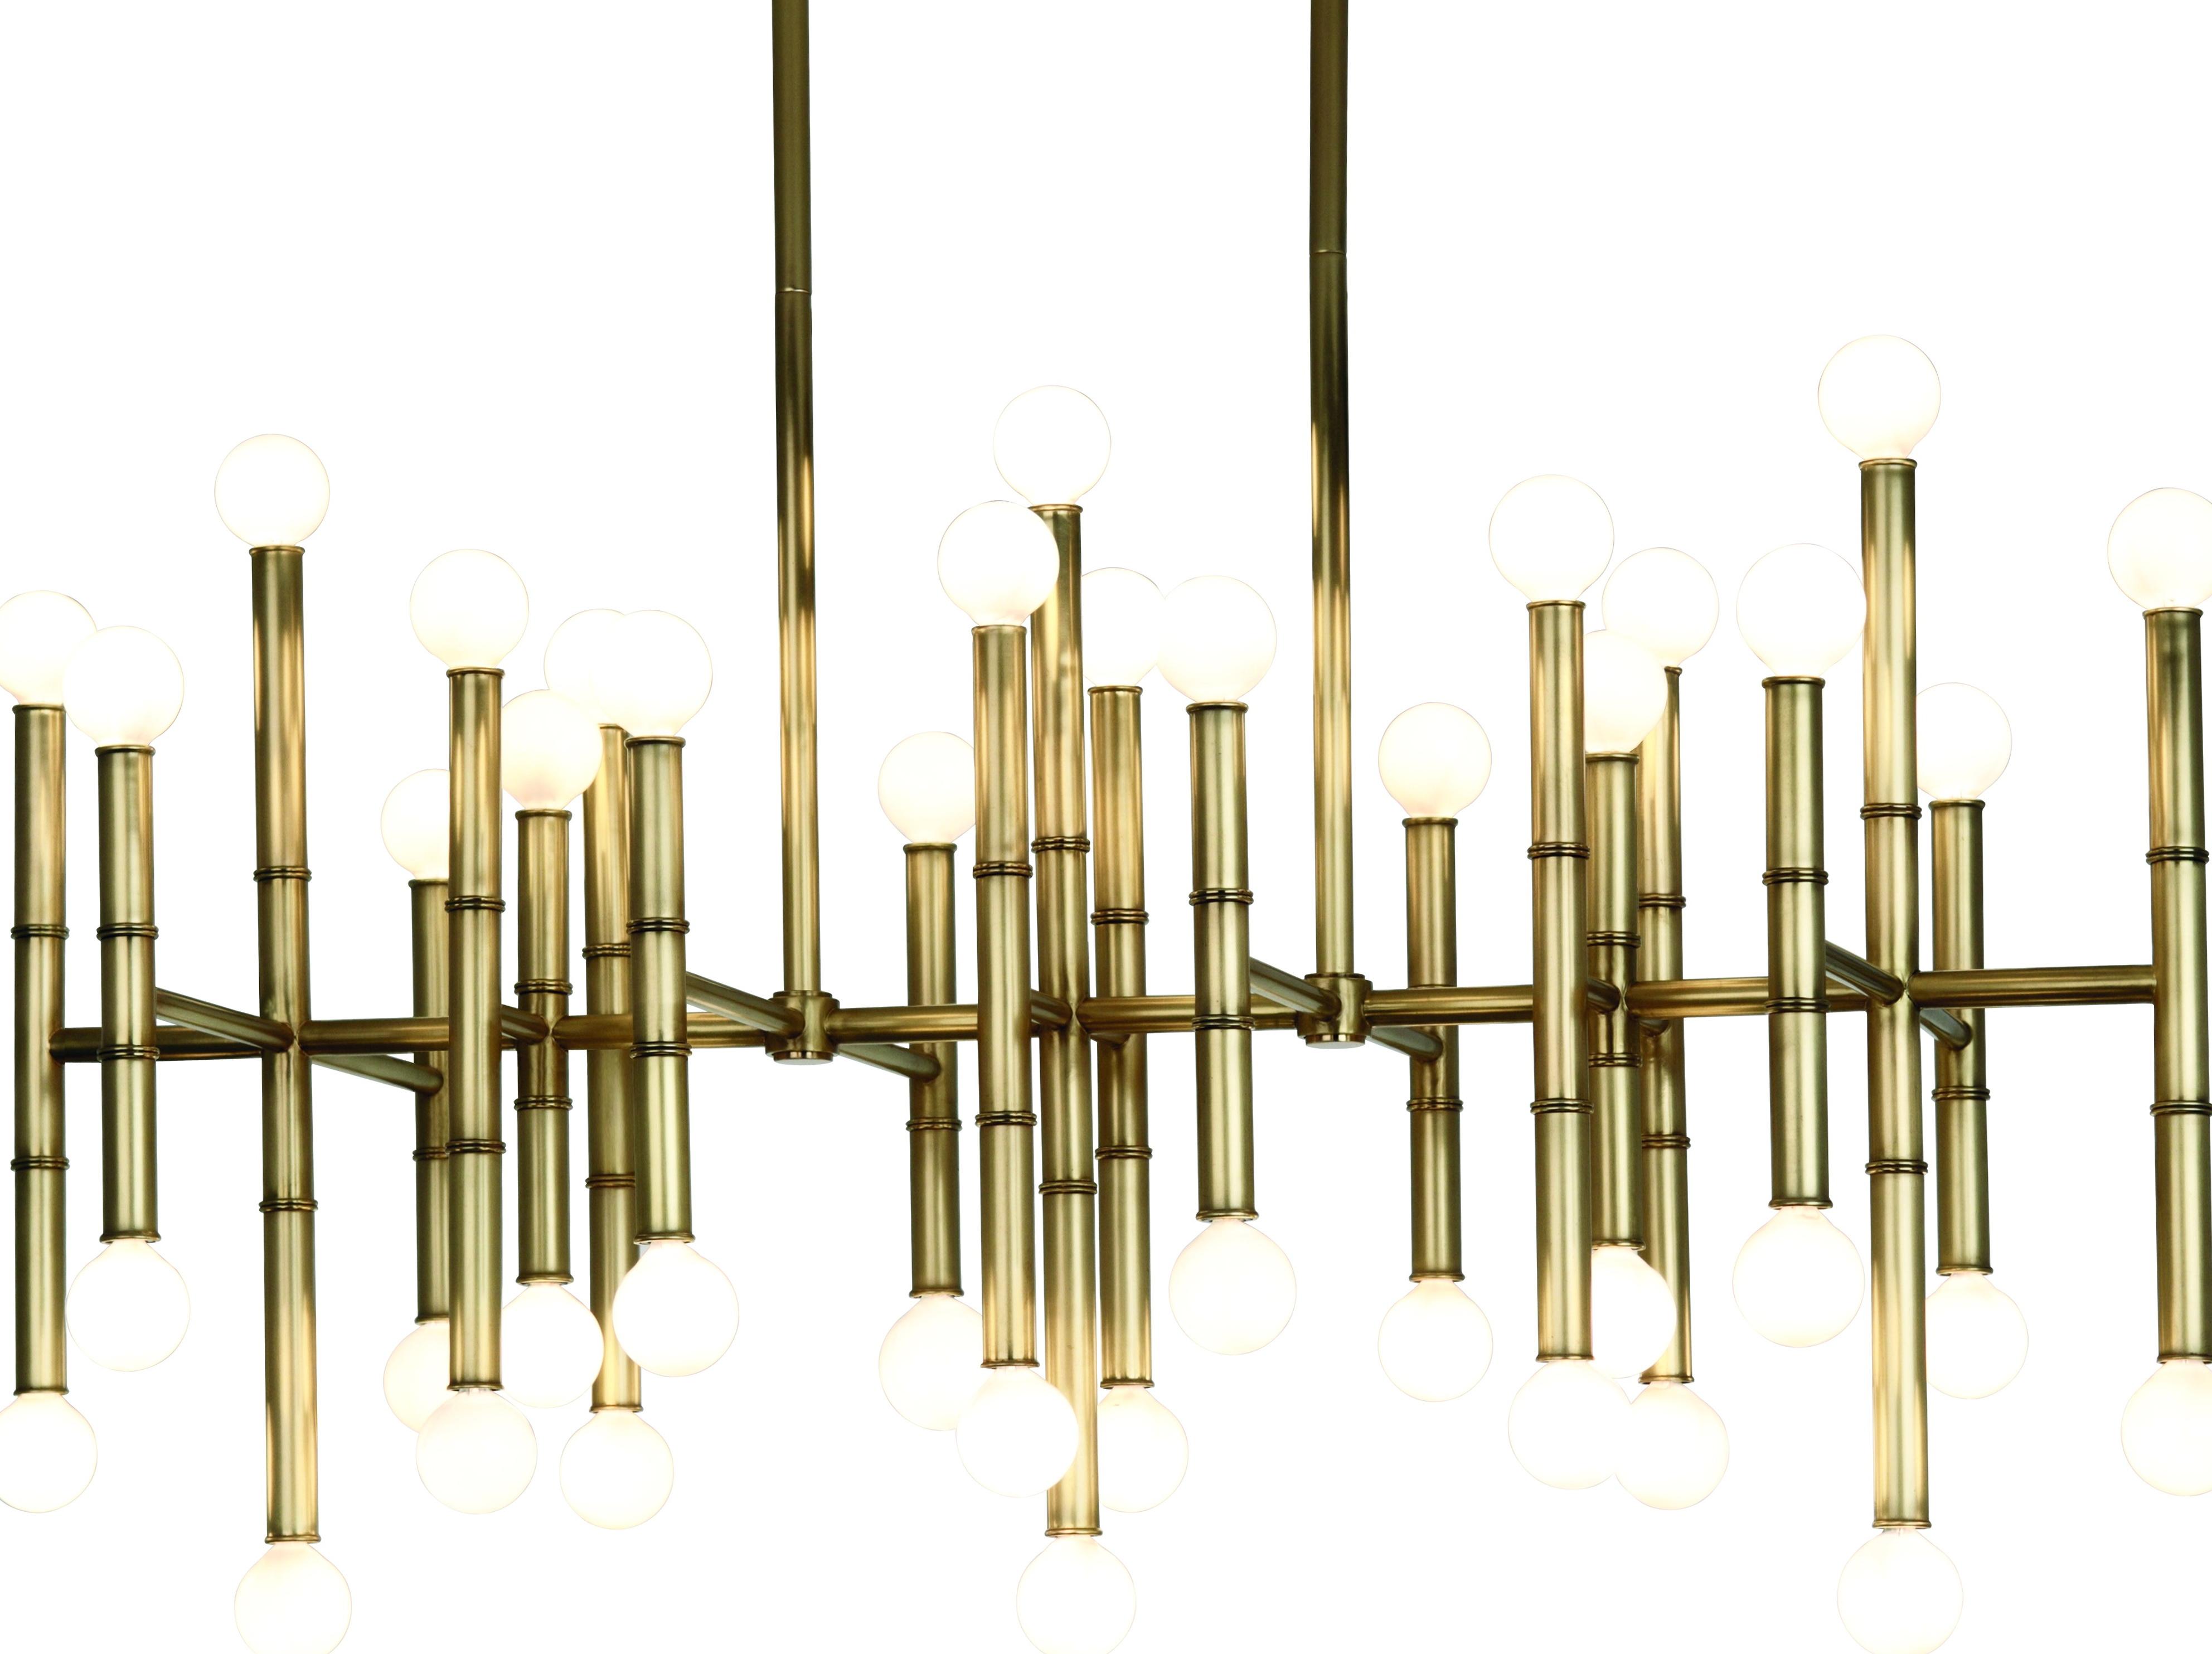 Jonathan adler meurice chandelier jonathan adler meurice 30 light jonathan adler meurice chandelier jonathan adler meurice chandelier home design ideas arubaitofo Gallery